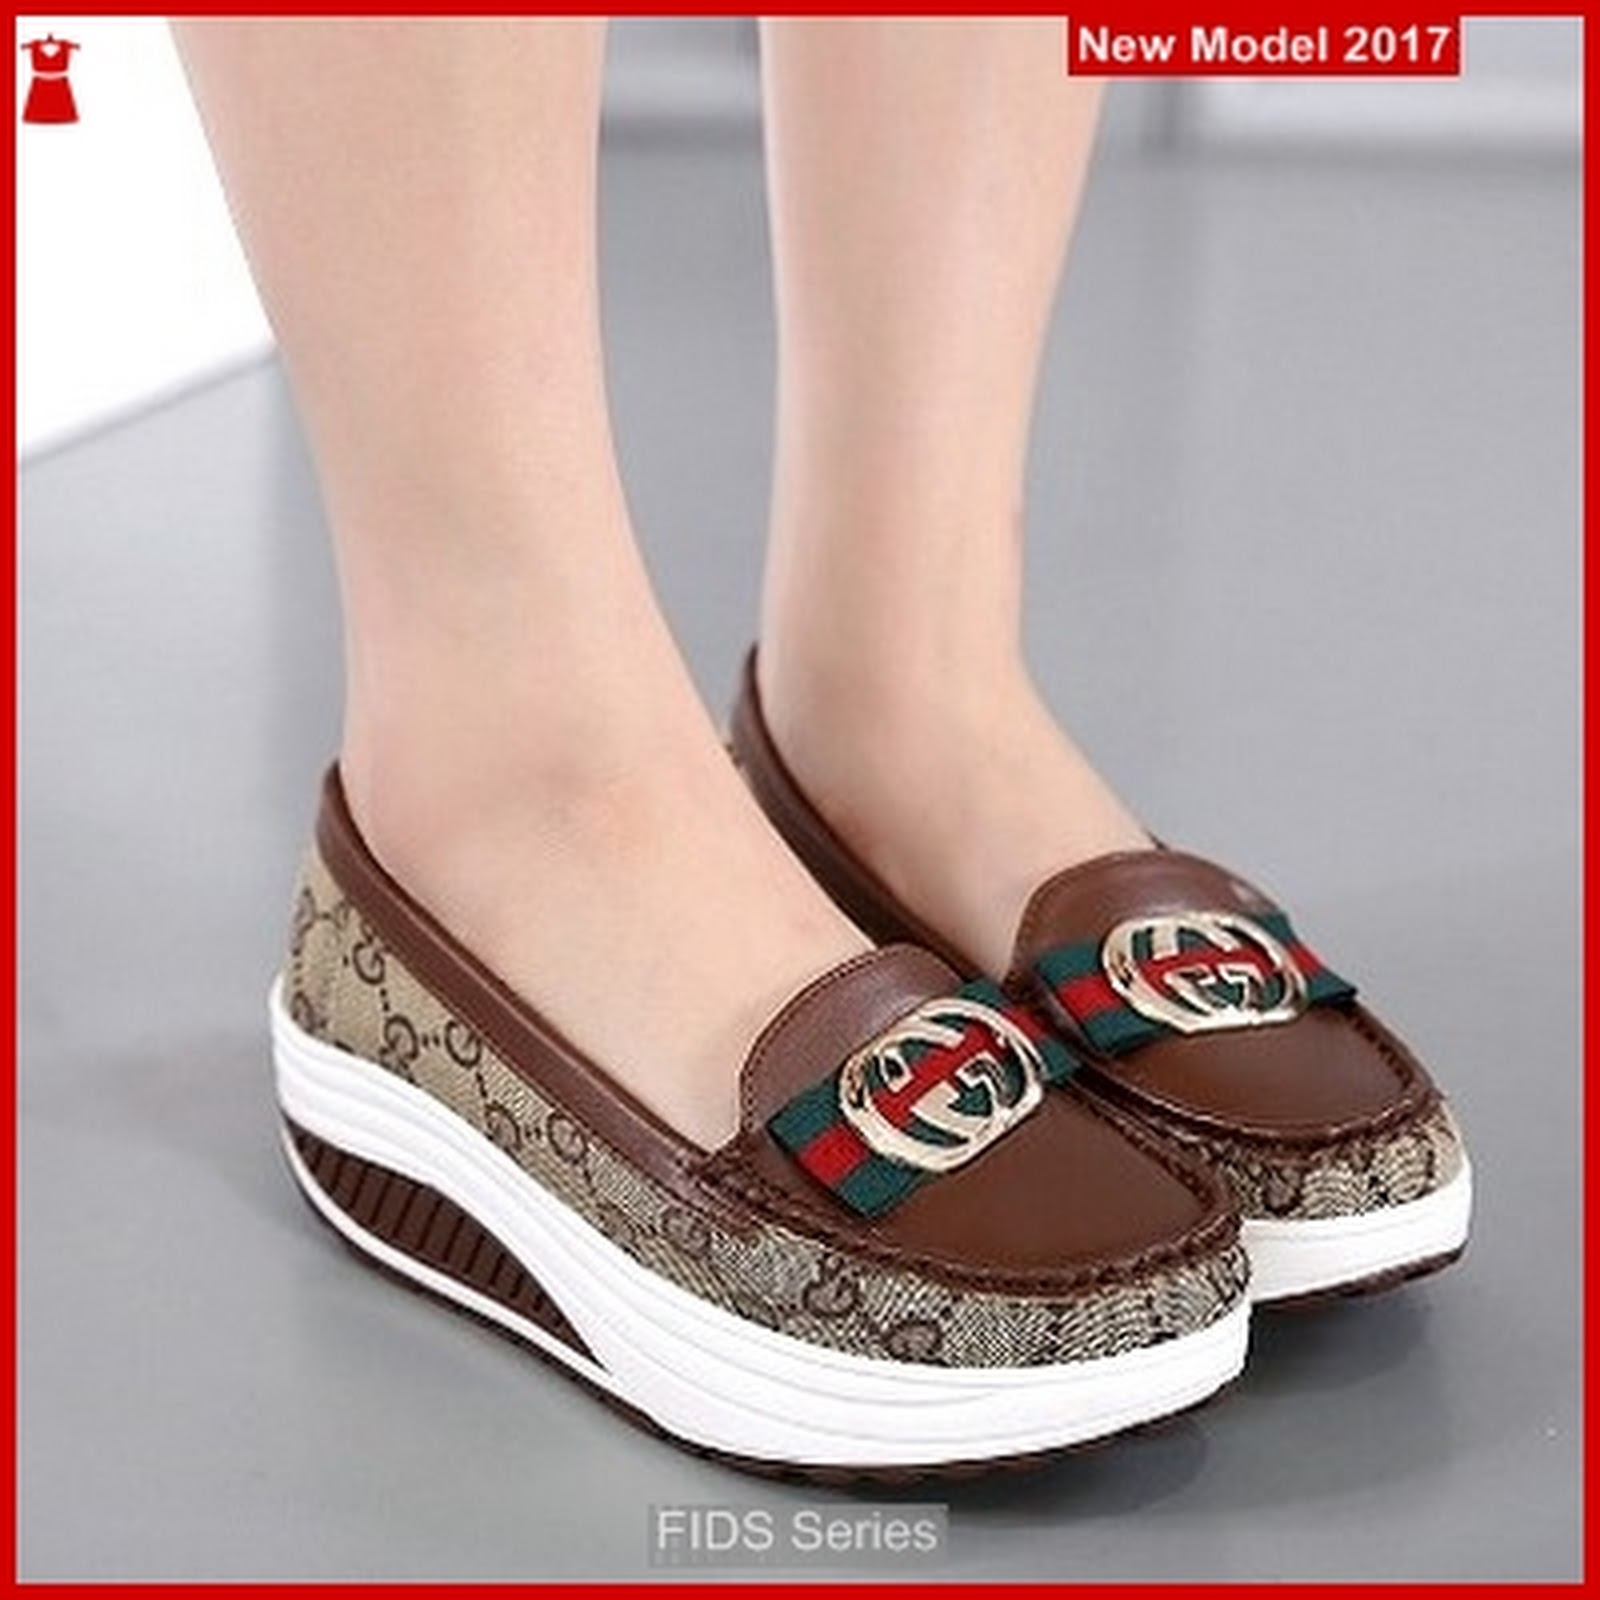 Sepatu Wanita Gucci - Daftar Harga Berdasarkan Daerah Indonesia 292fbb2393